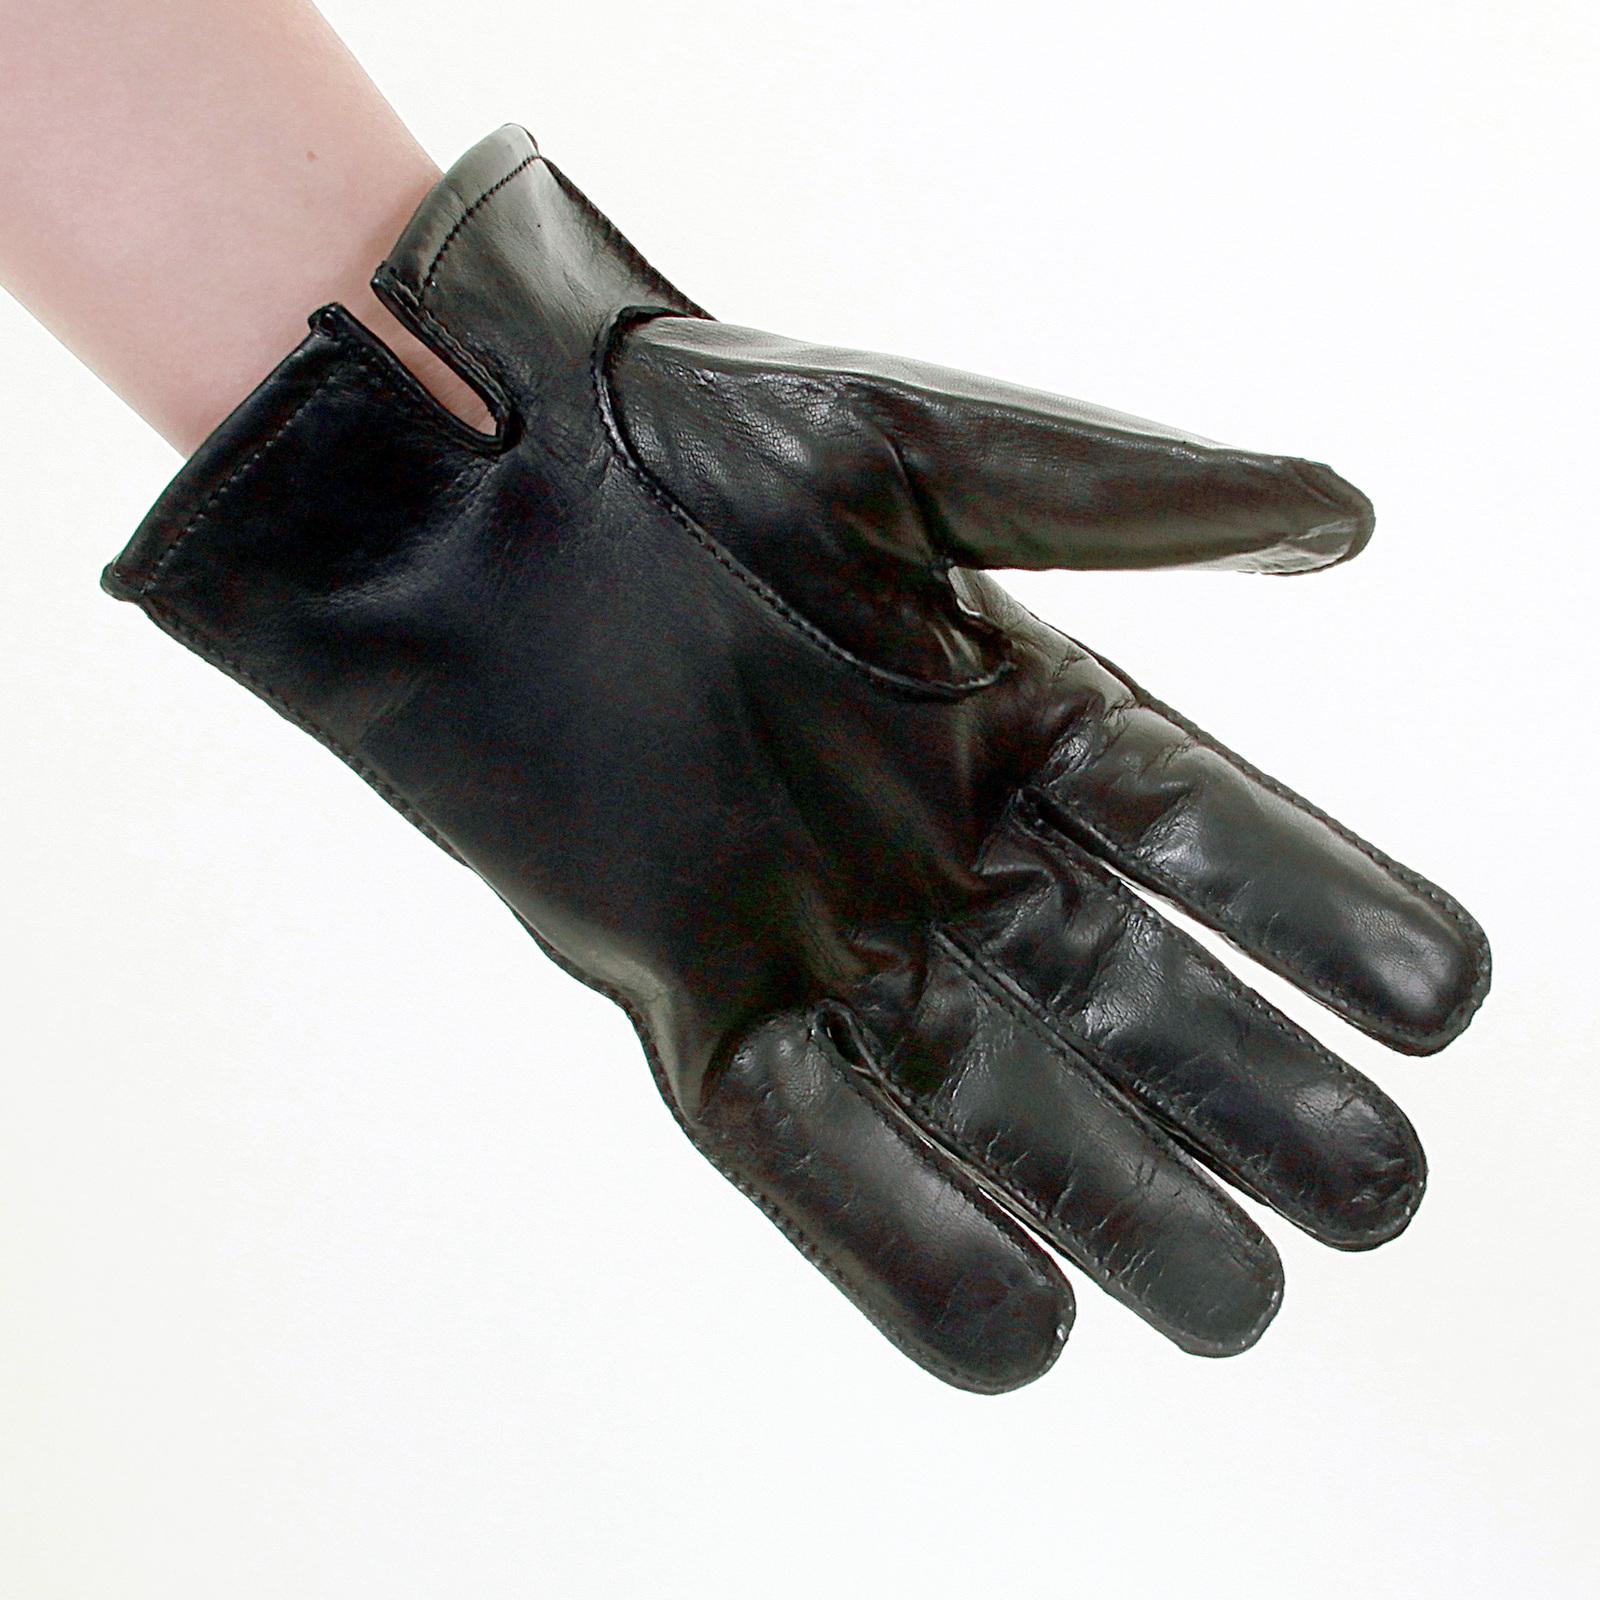 Hugo boss ladies leather gloves - Boss Black Label Haindt Leather Gloves 50237108 Boss2921